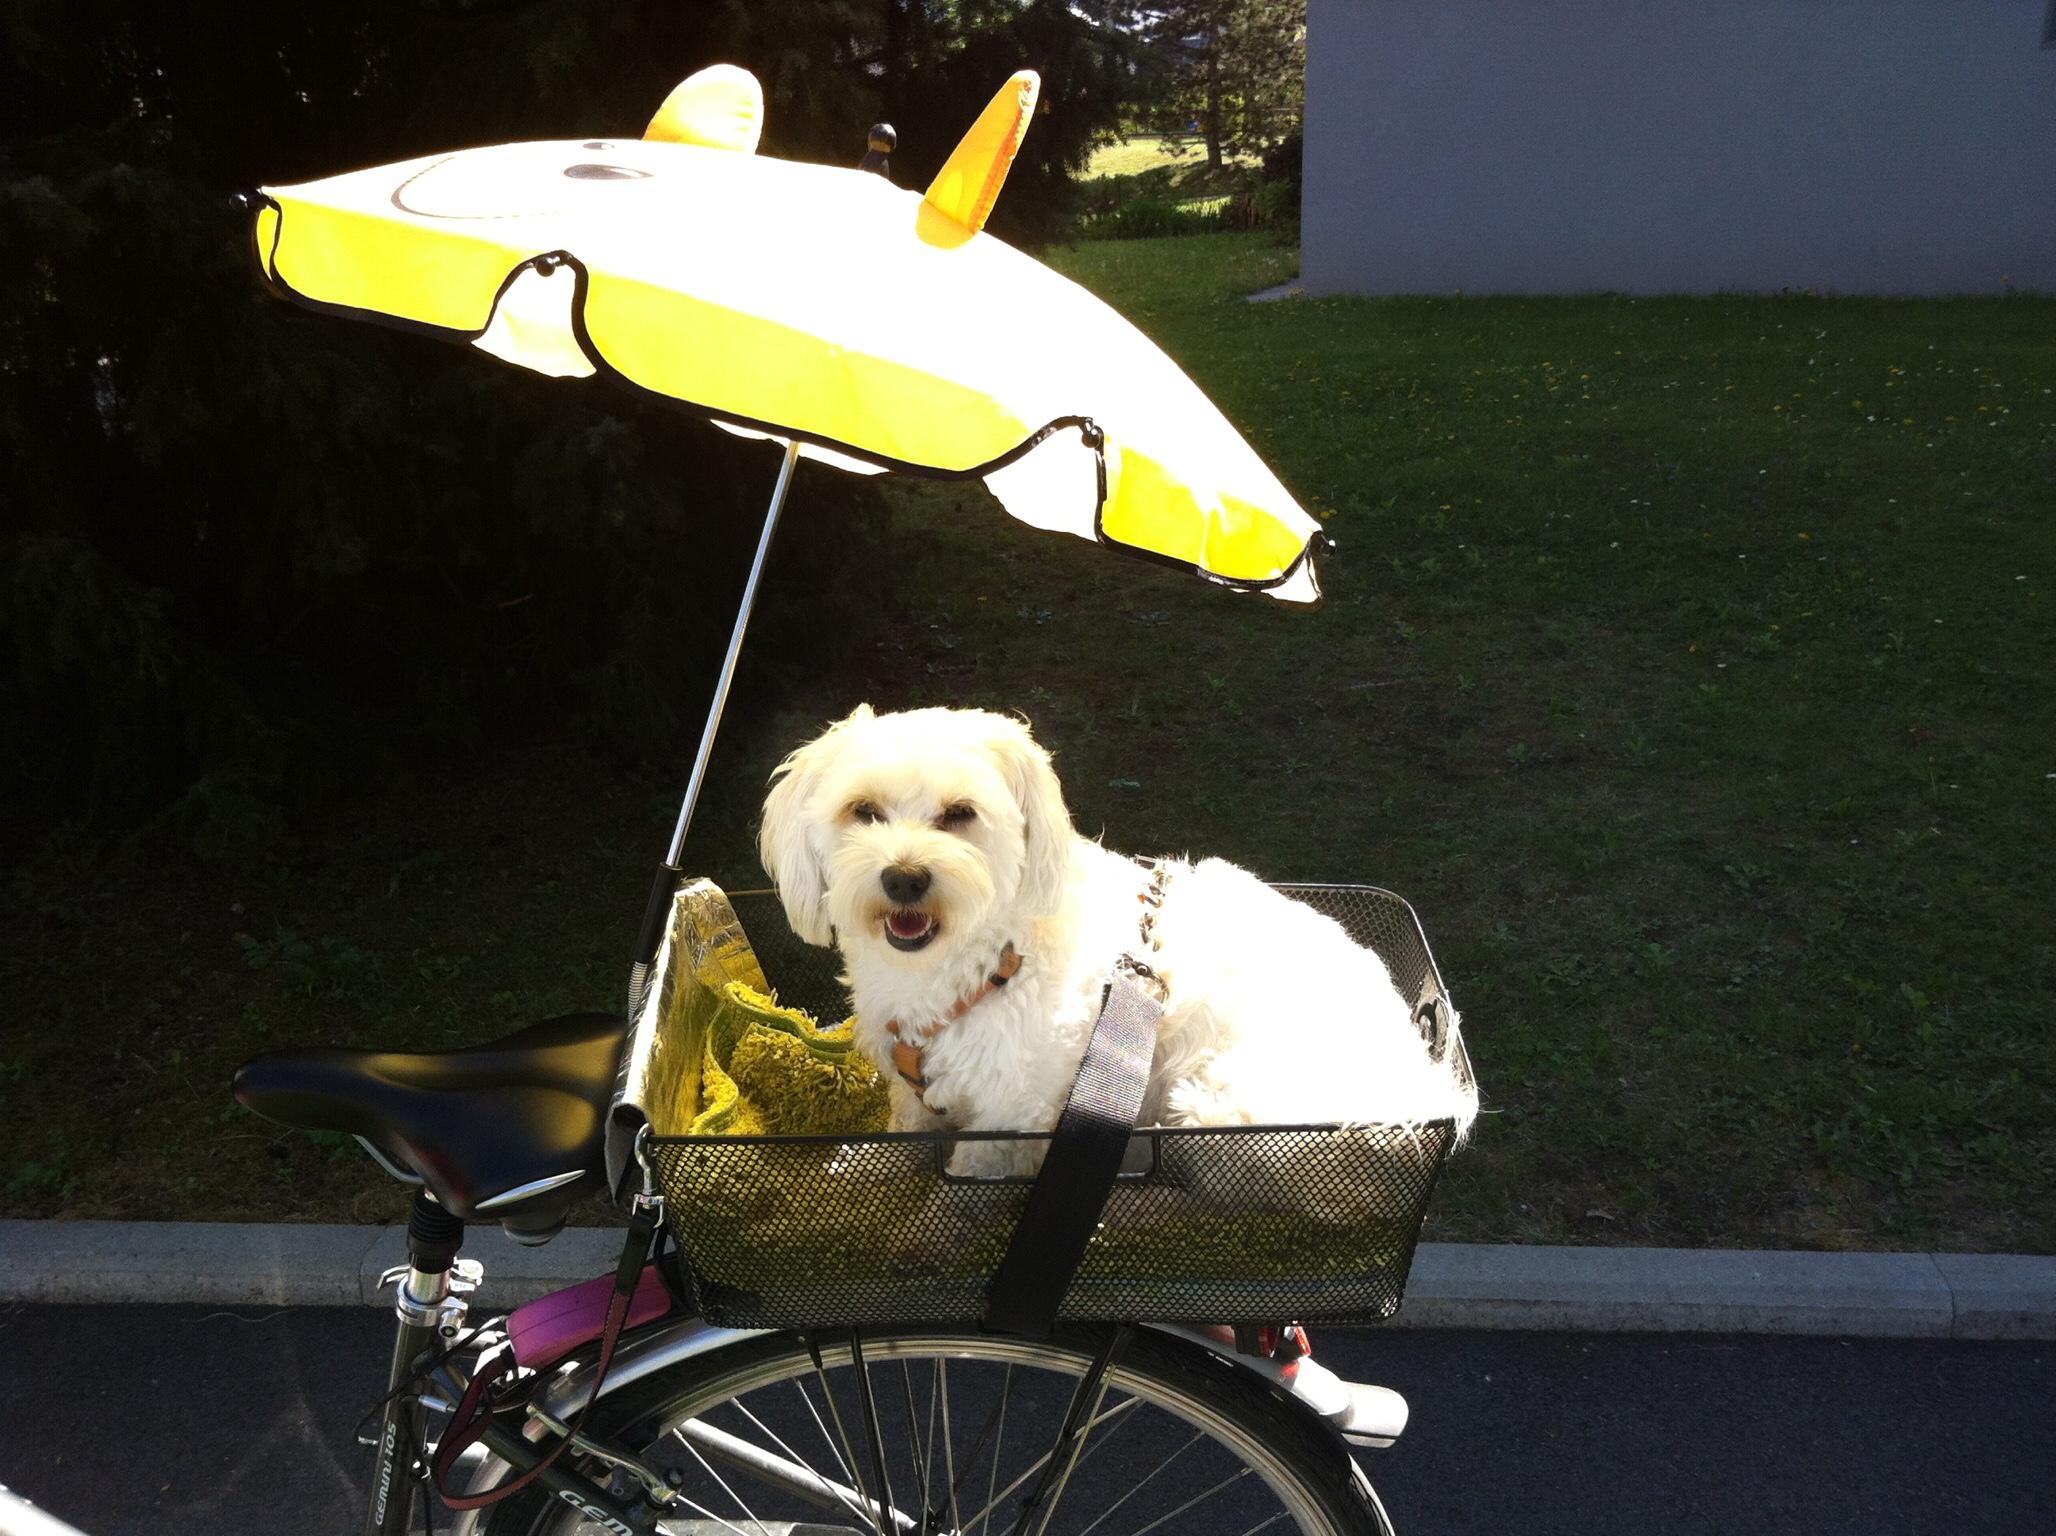 Hunde Foto: Claudia und Elli 🥰 🐾 – Fährt sehr gerne mit dem Fahrrad! 😅